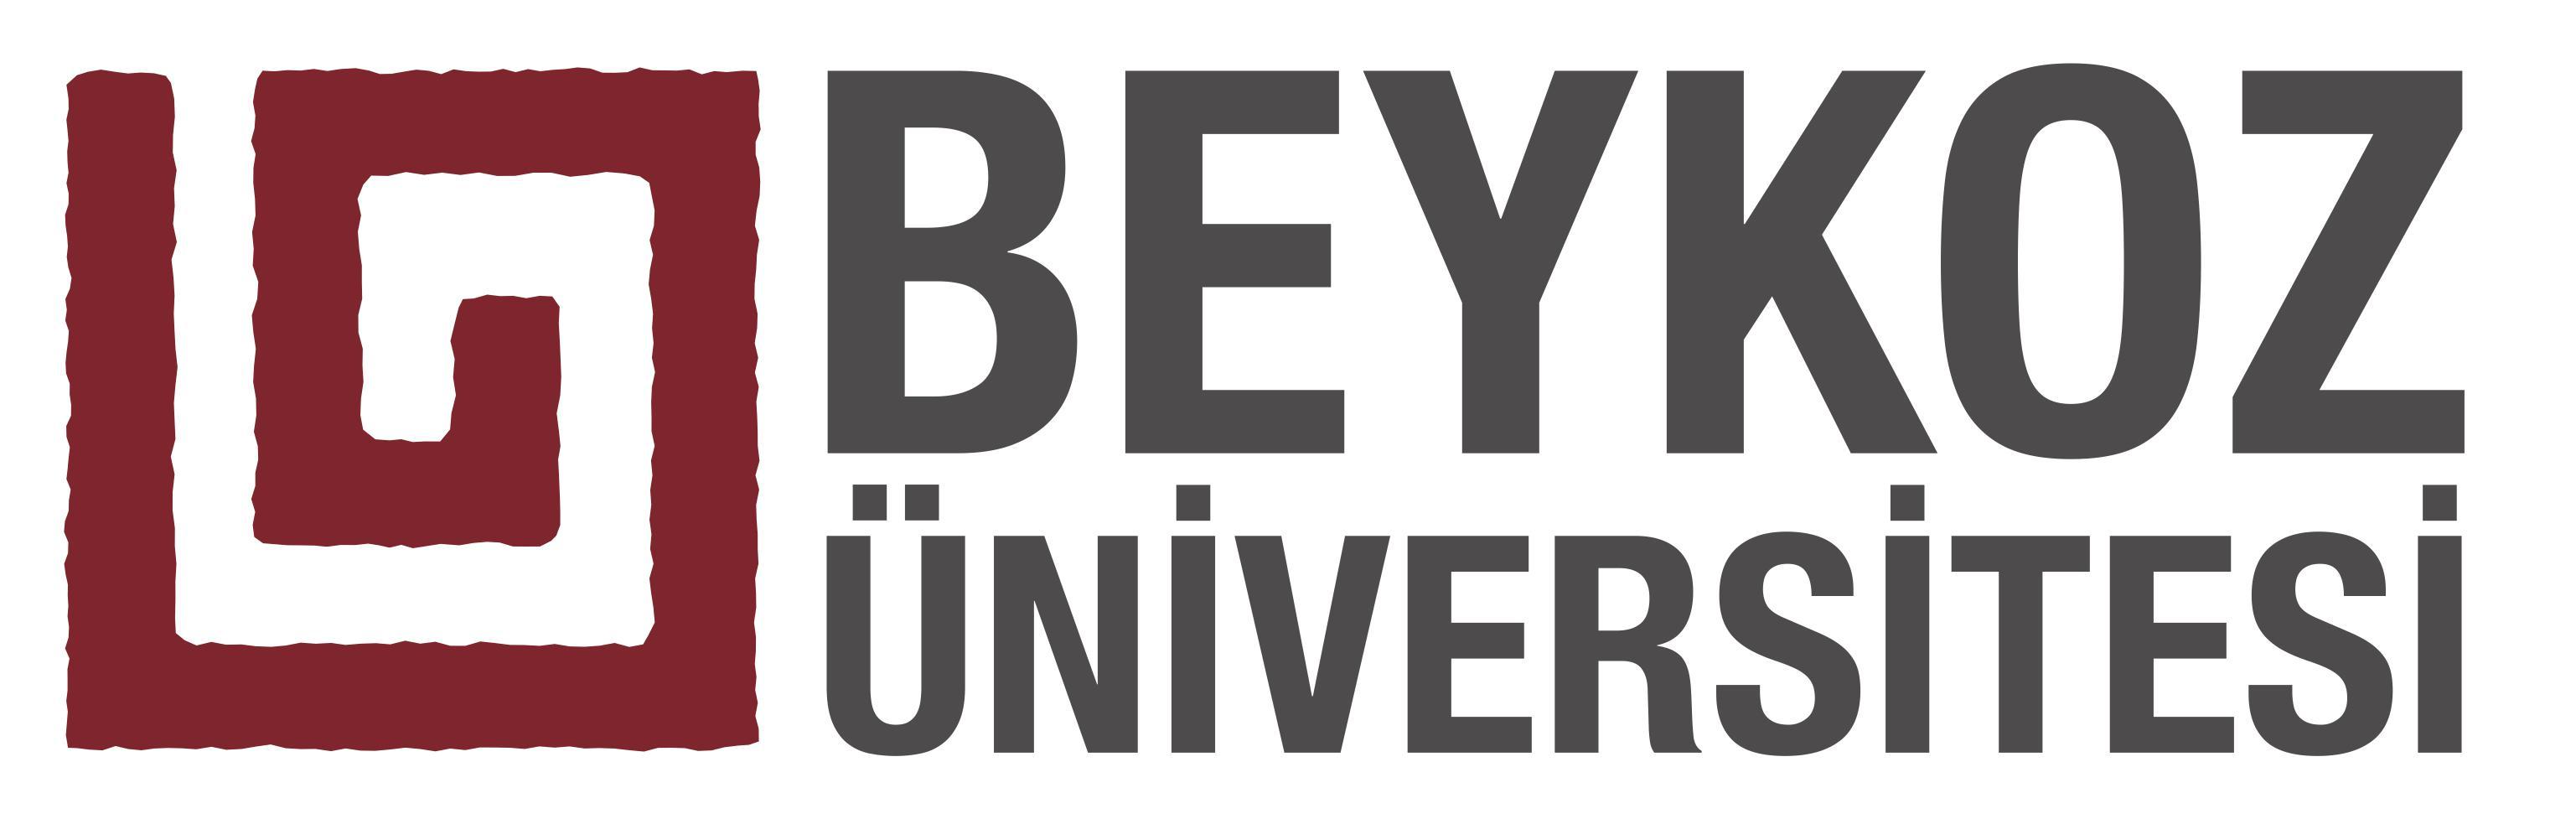 Beykoz_Universitesi_logo